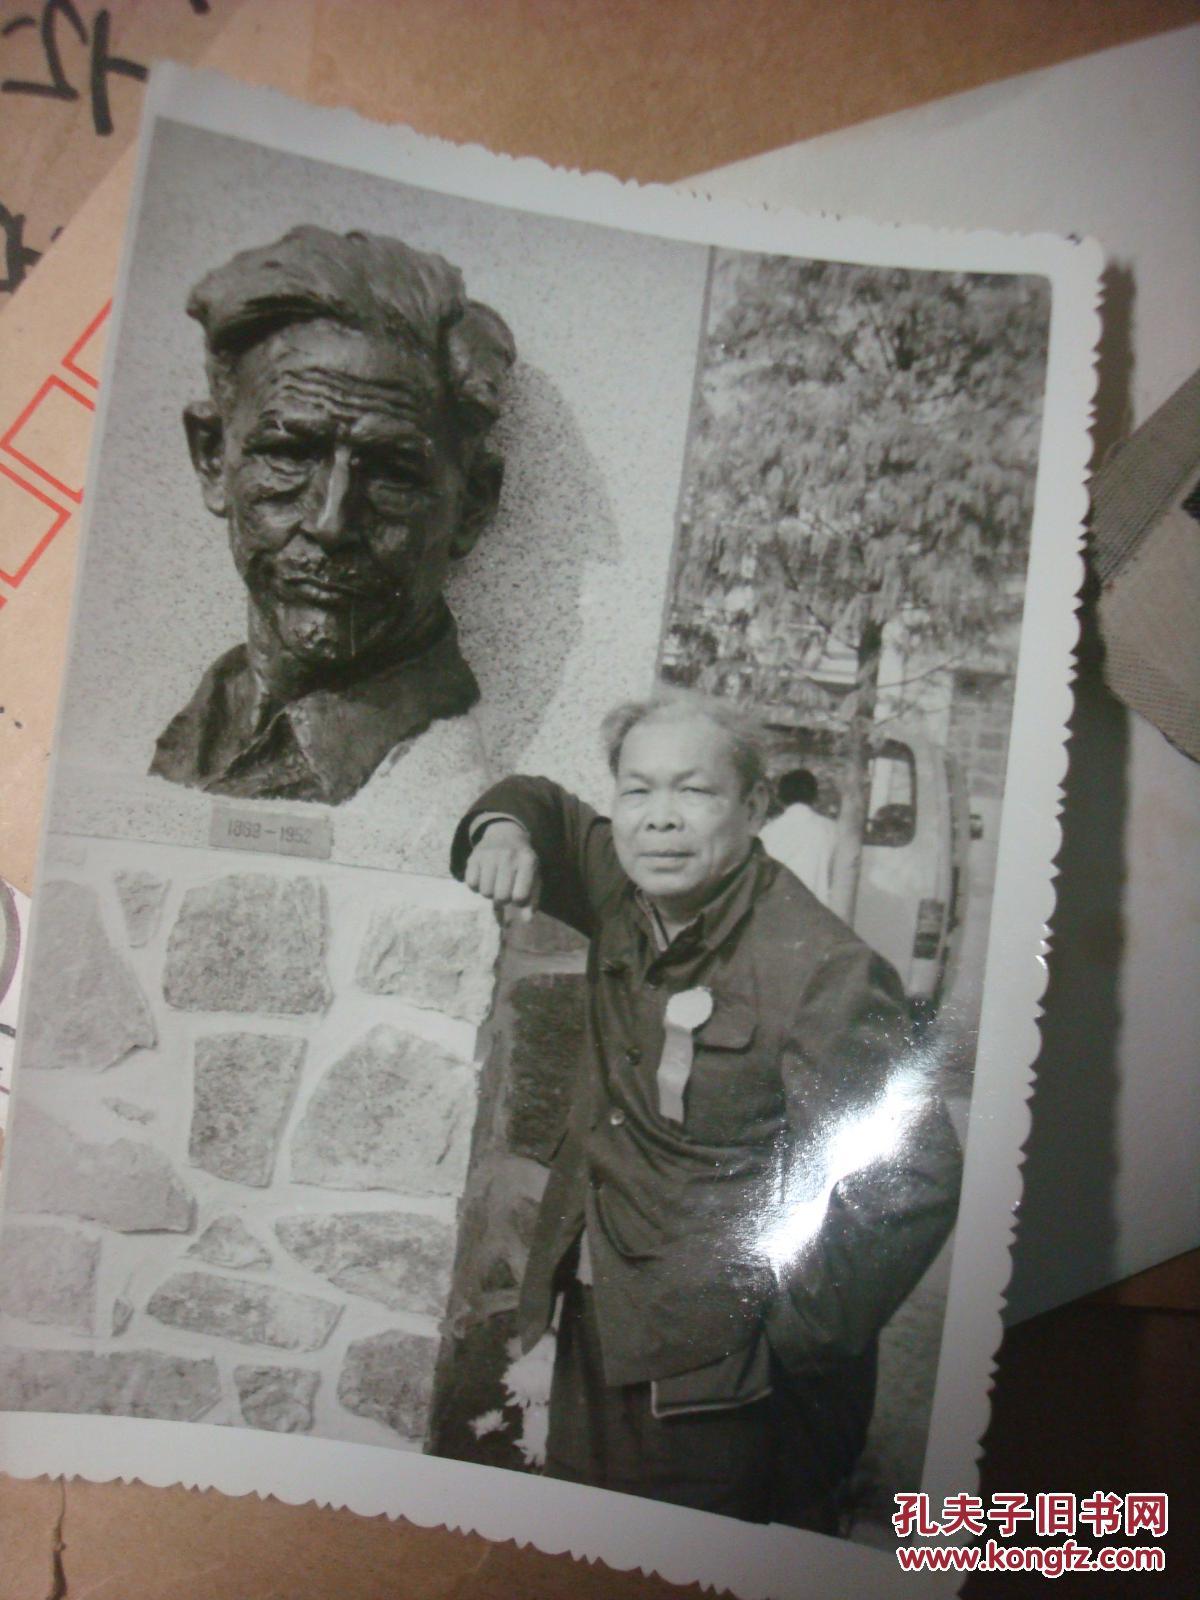 1981年著名的儿童音乐作曲家宋军--照片-1张--鹤山县-李铁夫-赠潘振声